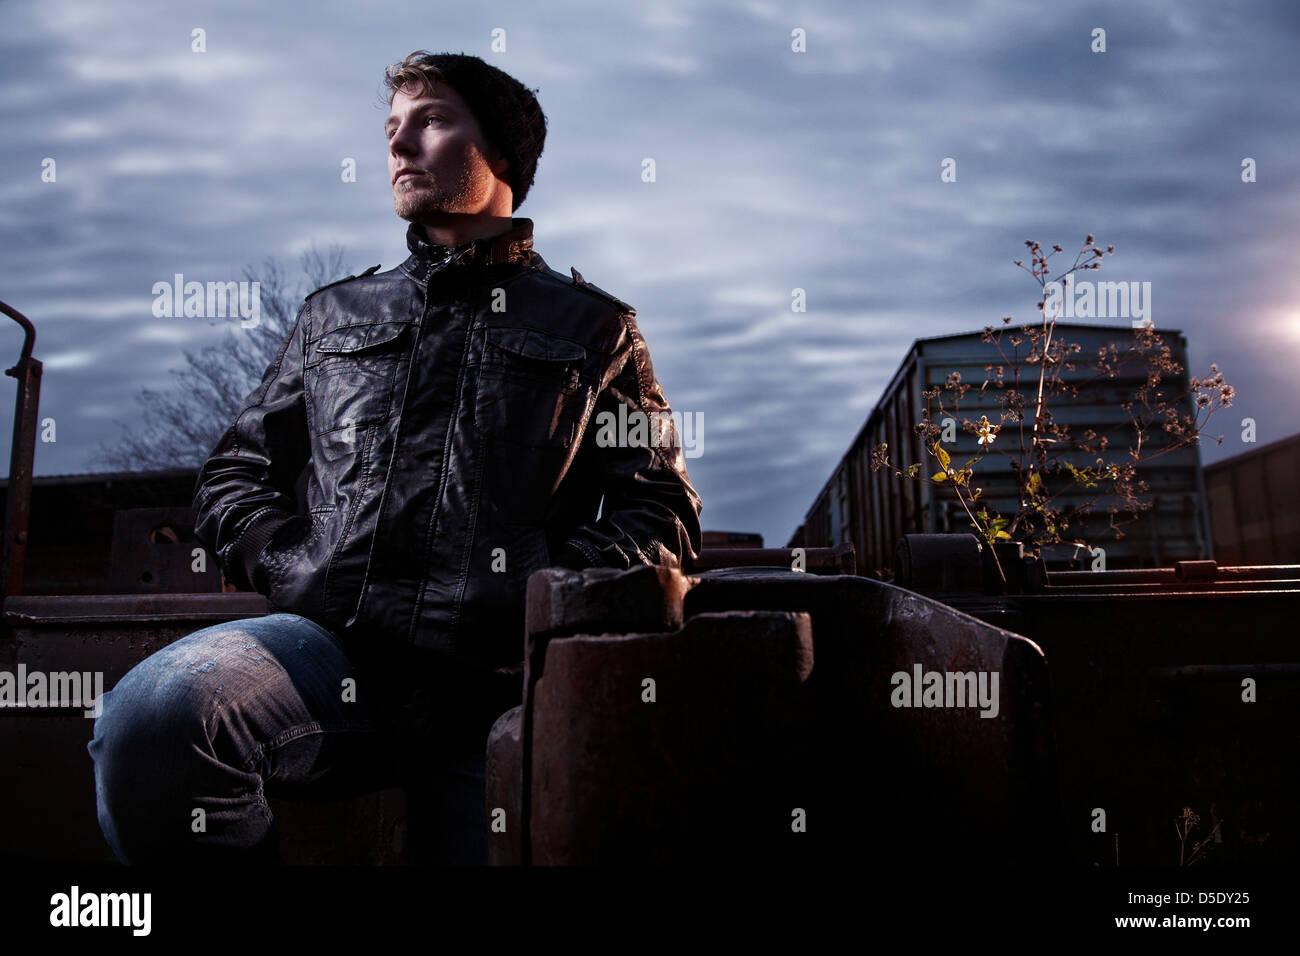 Homme debout en cour de route de rail contre ciel orageux Photo Stock